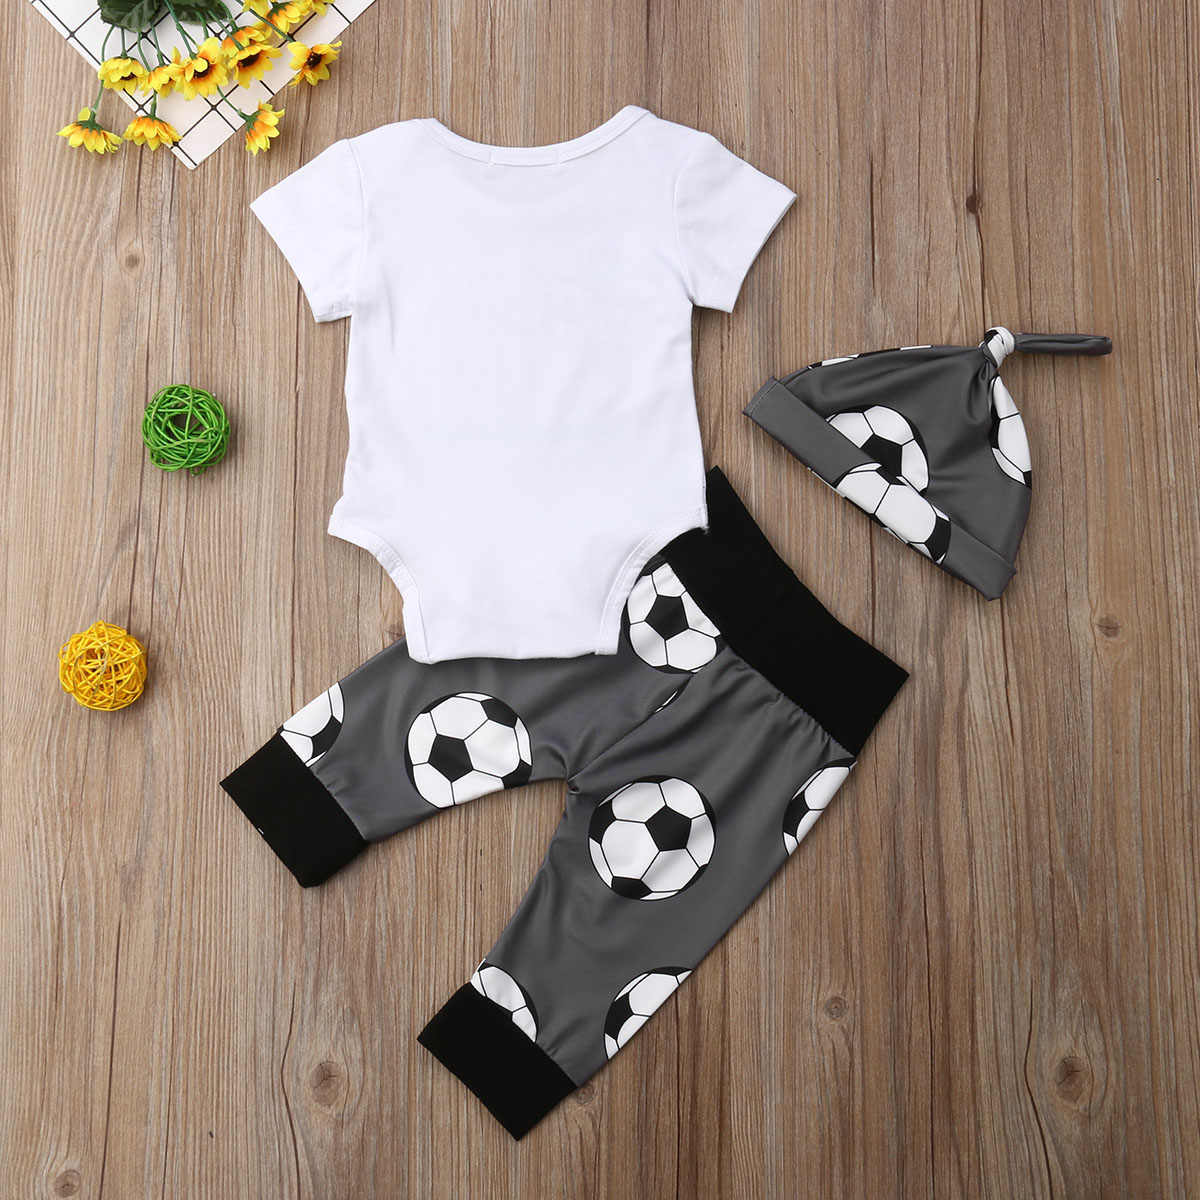 ¡Novedad de 2019! Gran oferta, pelota de fútbol, ropa de 3 uds. Para bebés recién nacidos, mono Casual, pantalones, gorro, conjunto de ropa